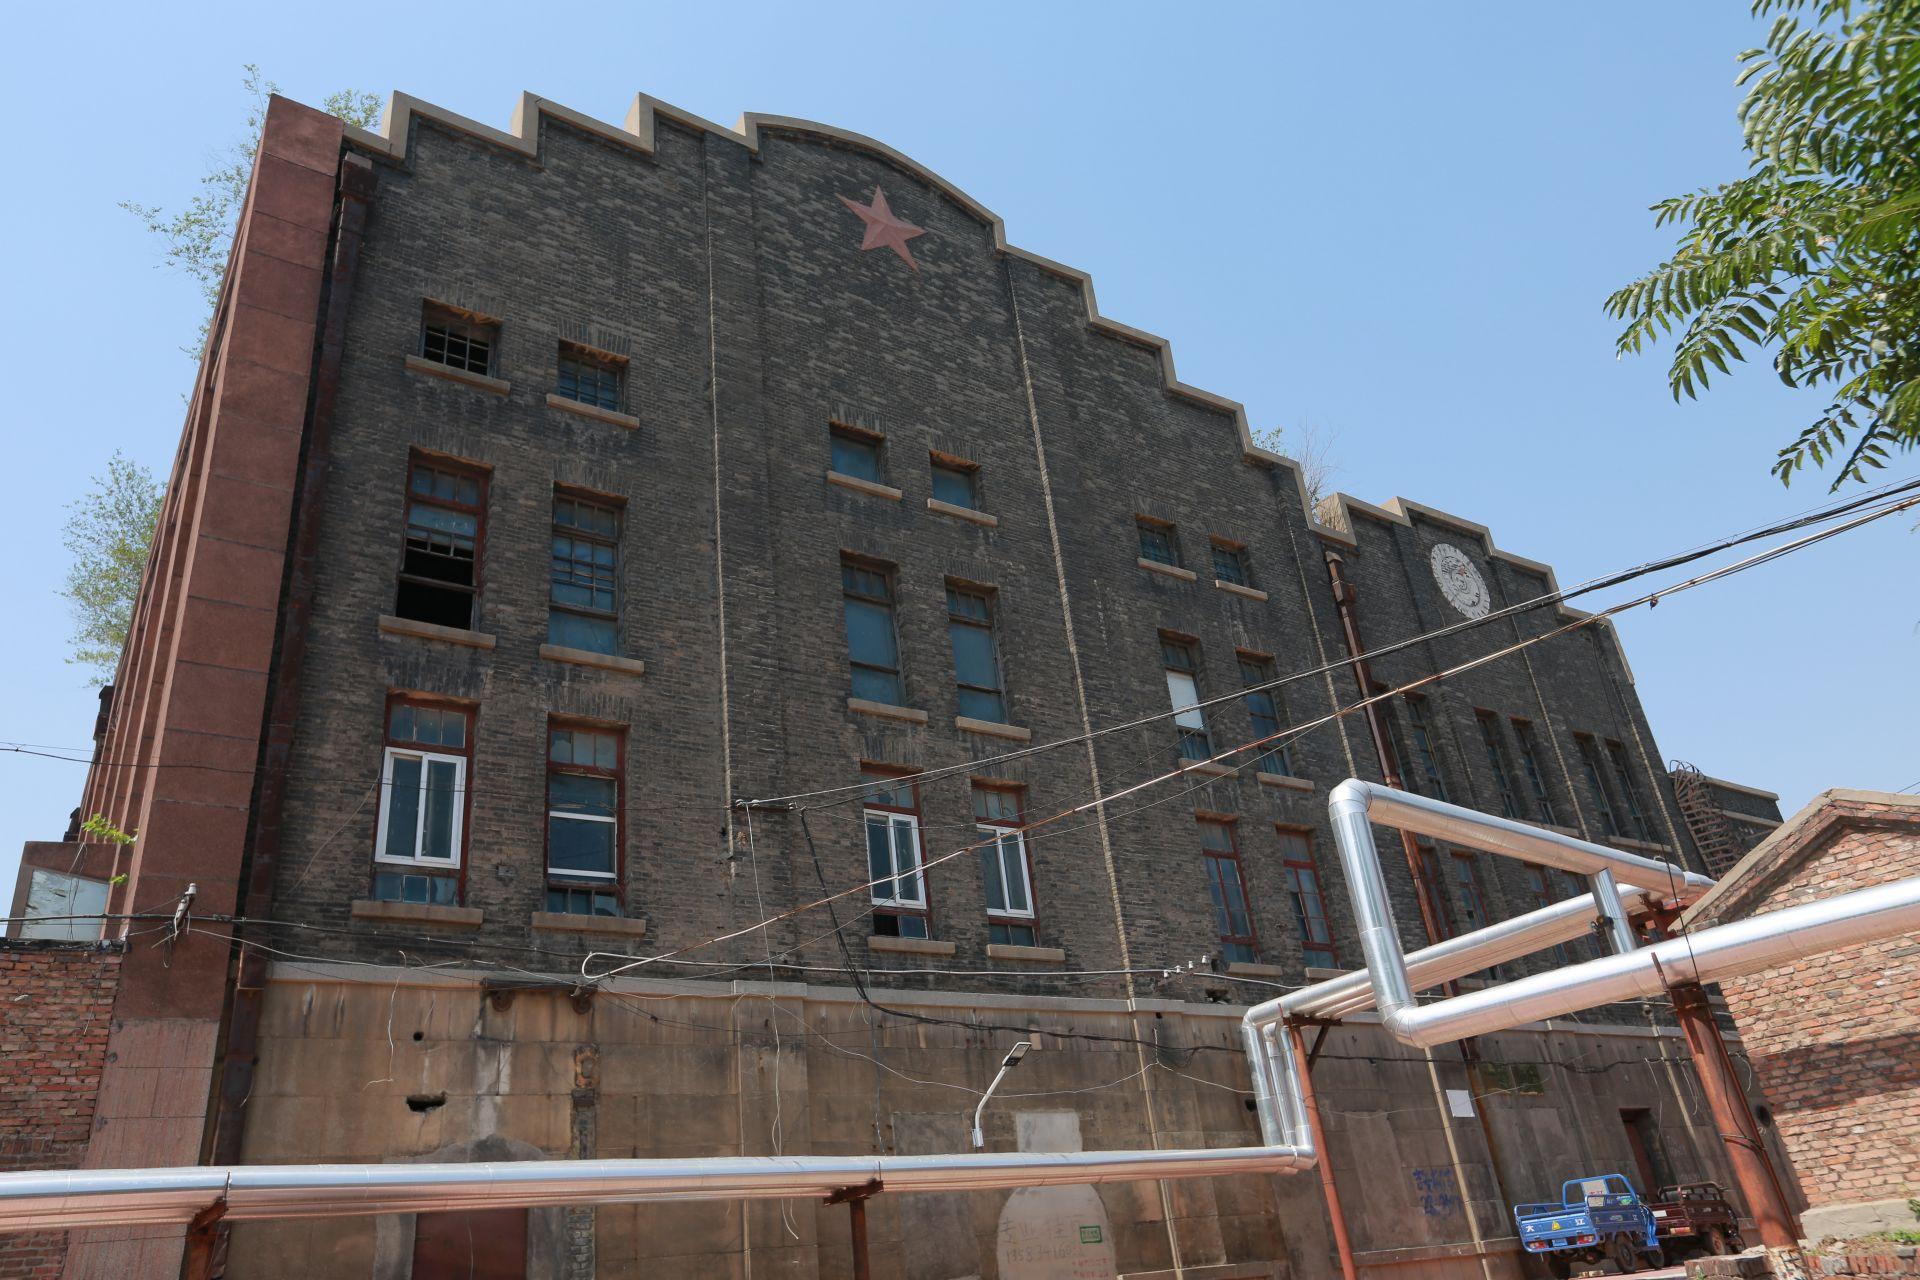 德州现存历史建筑解读之:德州老发电厂旧址